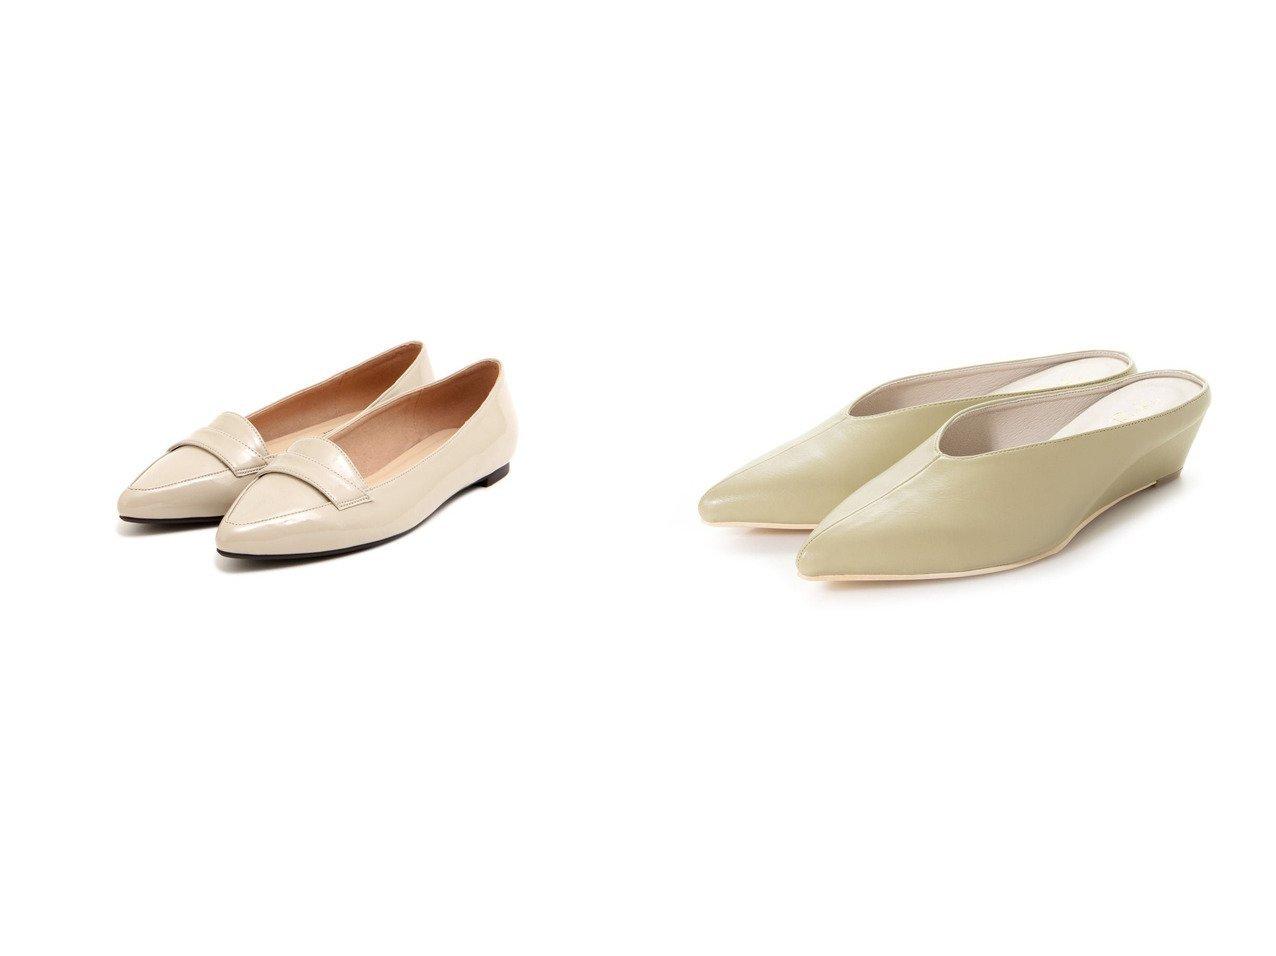 【RiiiKa/リーカ】のポインテッドトゥミュール&【NATURAL BEAUTY BASIC/ナチュラル ビューティー ベーシック】のポインテッドローファーカッター シューズ・靴のおすすめ!人気、トレンド・レディースファッションの通販 おすすめで人気の流行・トレンド、ファッションの通販商品 メンズファッション・キッズファッション・インテリア・家具・レディースファッション・服の通販 founy(ファニー) https://founy.com/ ファッション Fashion レディースファッション WOMEN 2021年 2021 2021 春夏 S/S SS Spring/Summer 2021 S/S 春夏 SS Spring/Summer シューズ 春 Spring |ID:crp329100000016312